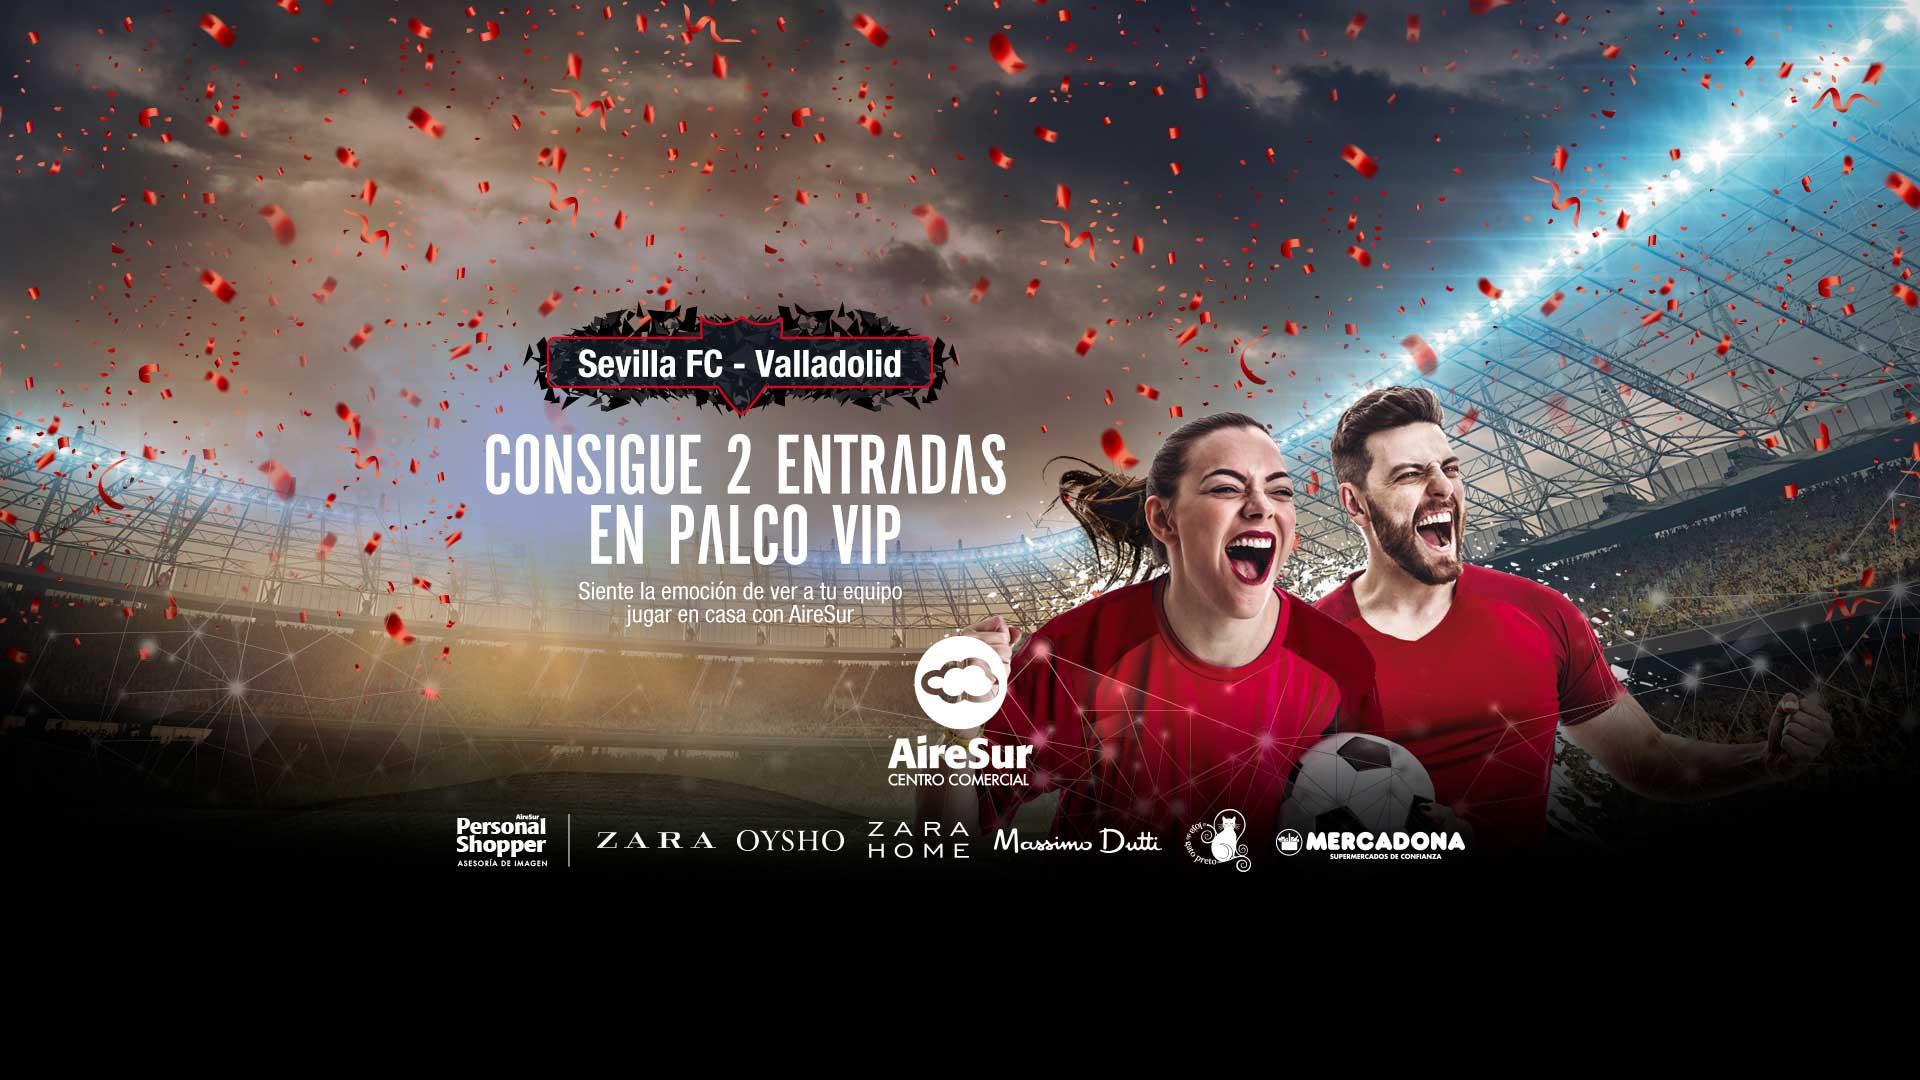 Sorteo Entradas Sevilla Valladolid AireSur